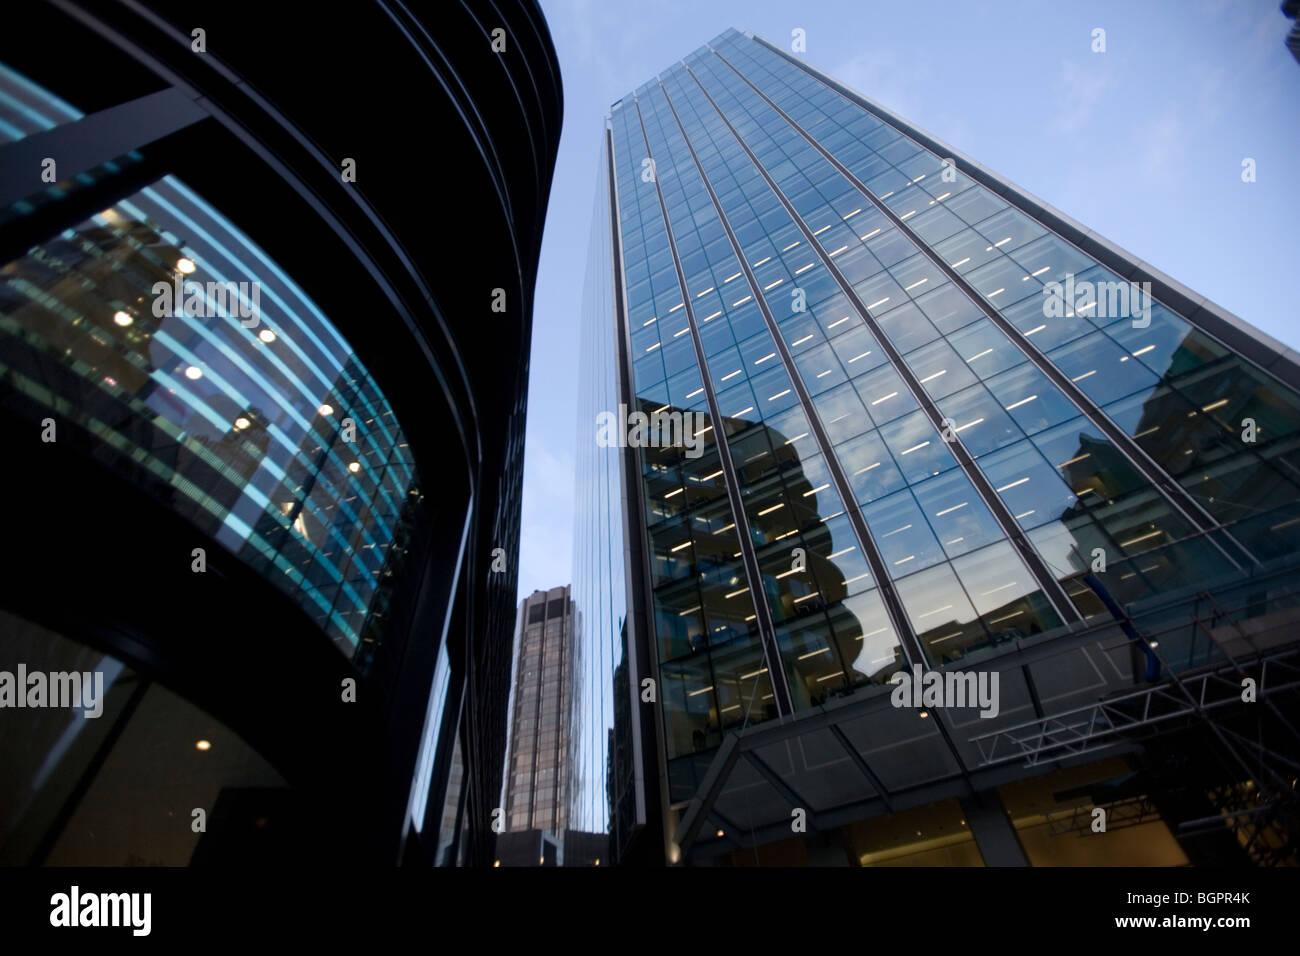 La borsa Tower Londra, Inghilterra, Regno Unito Immagini Stock